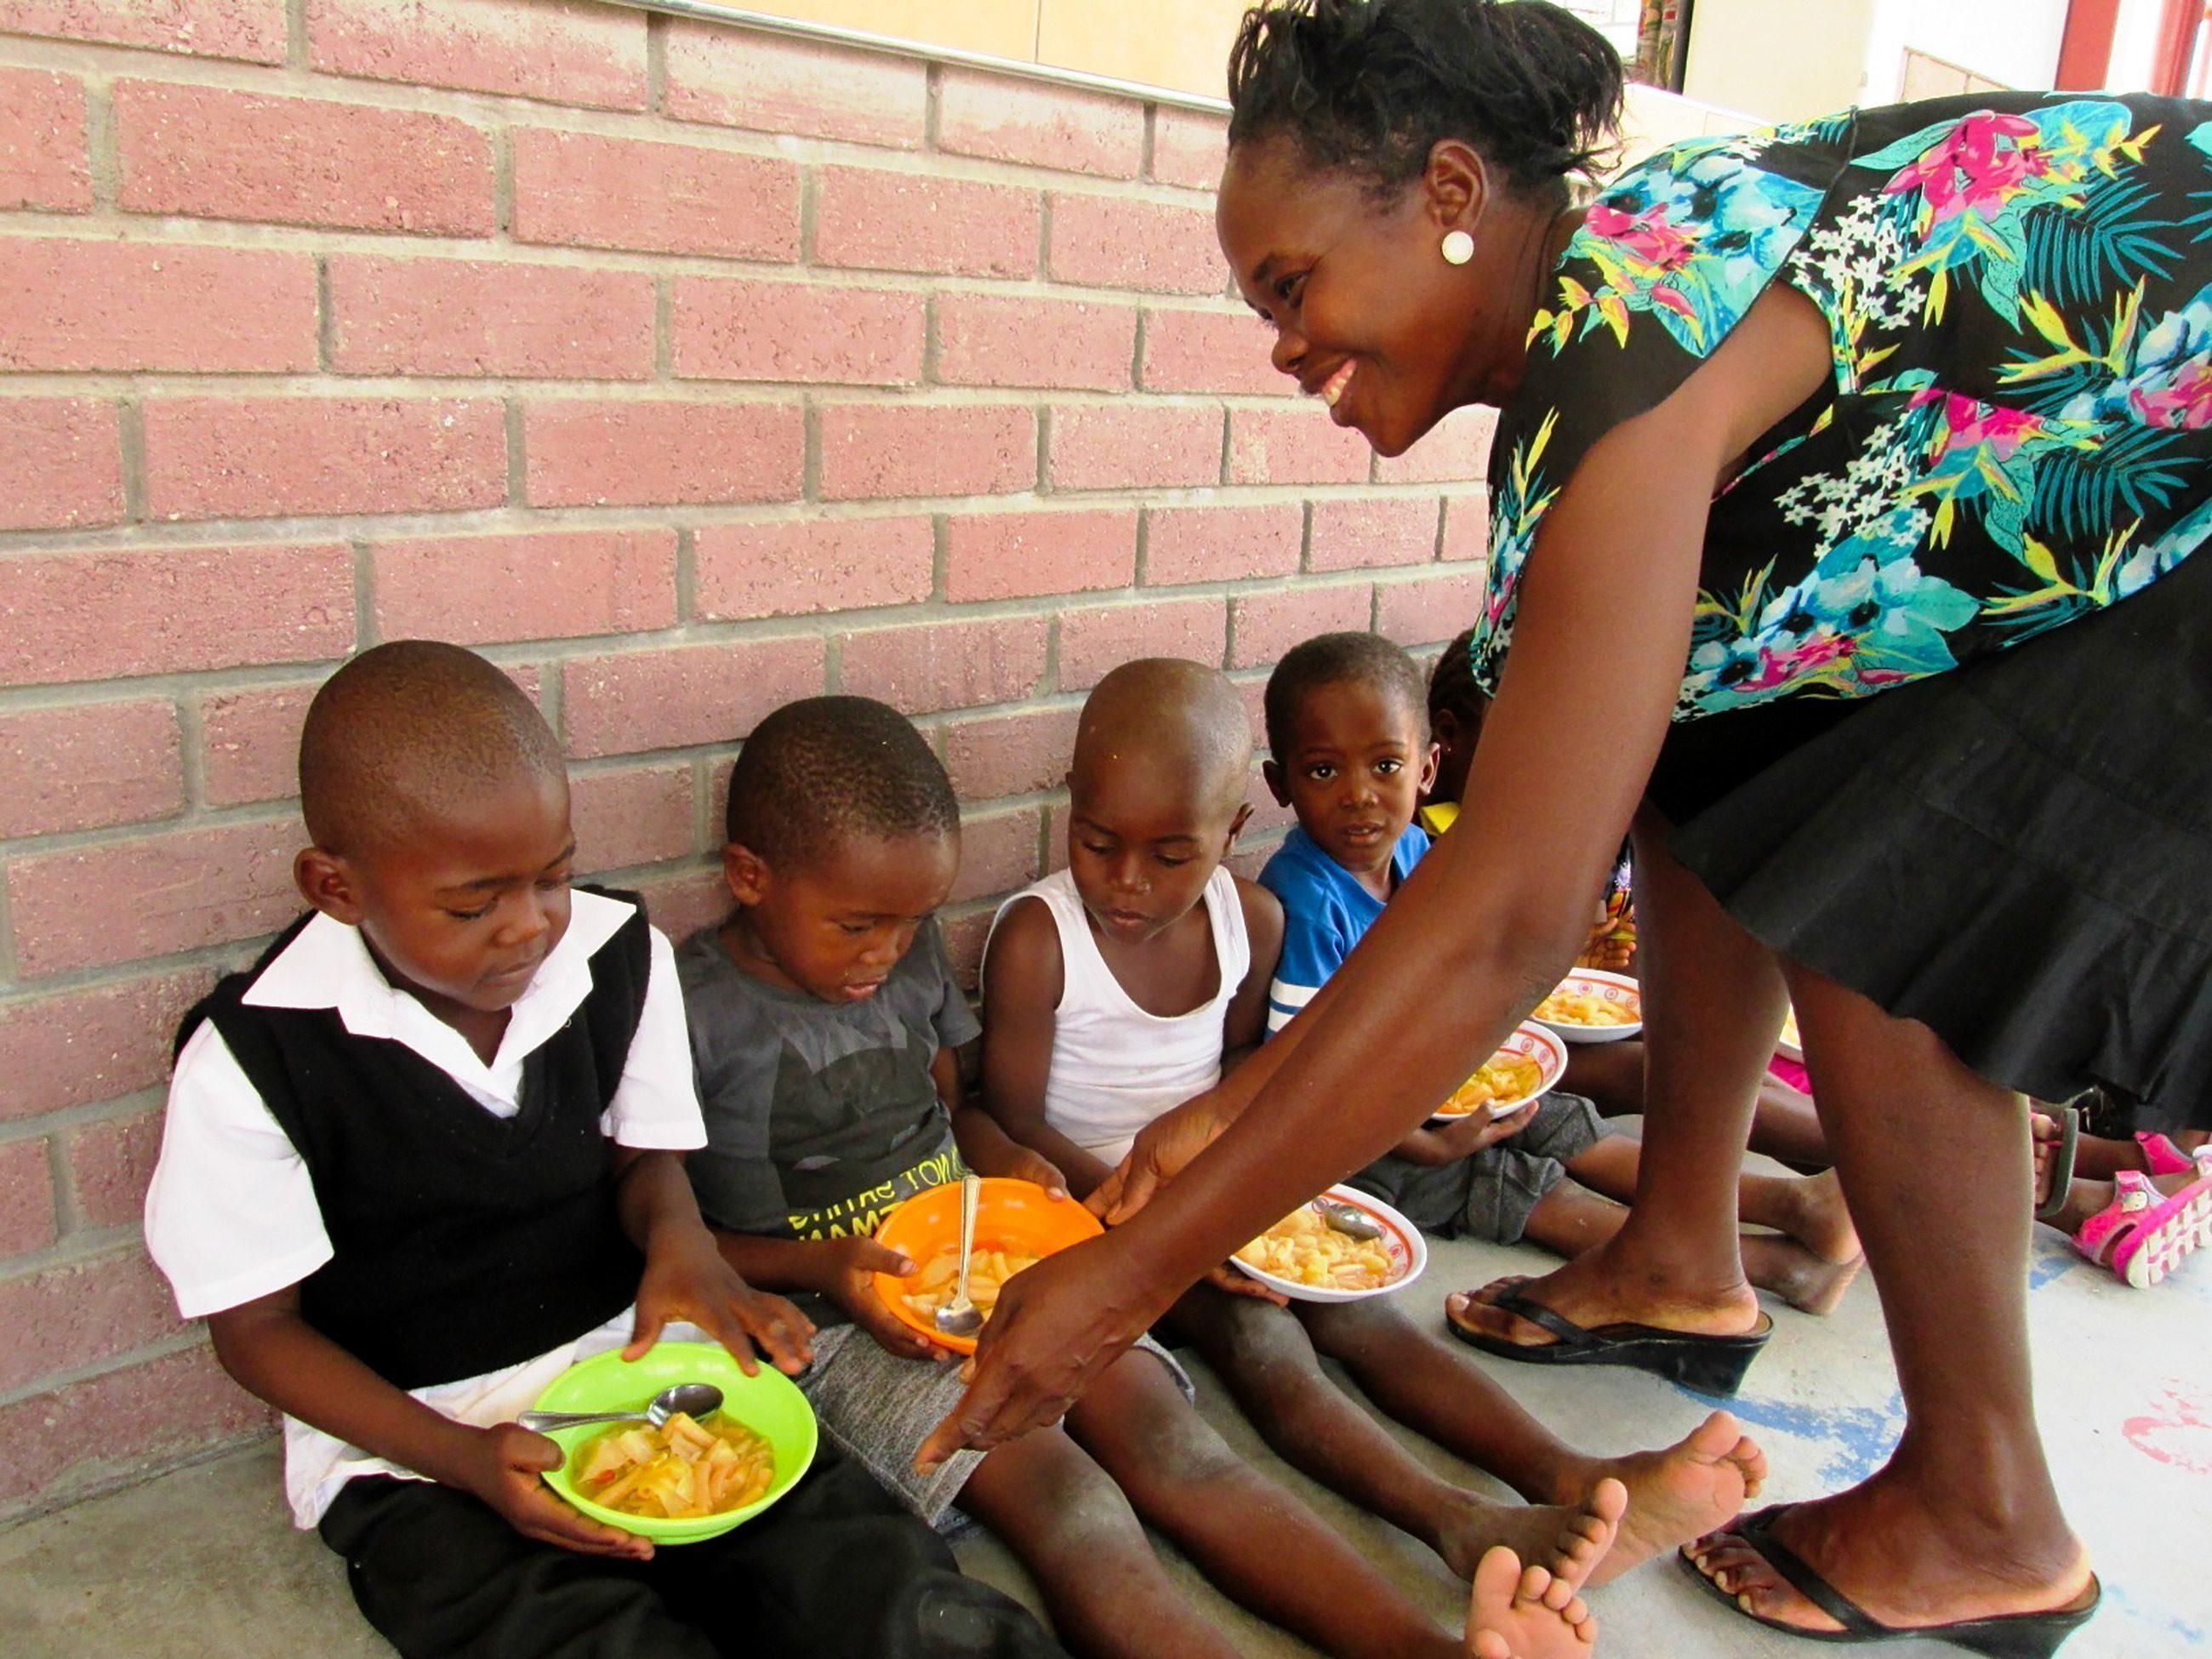 Eine SOS-Kinderdorf Mutter versorgt Kinder mit Essen.